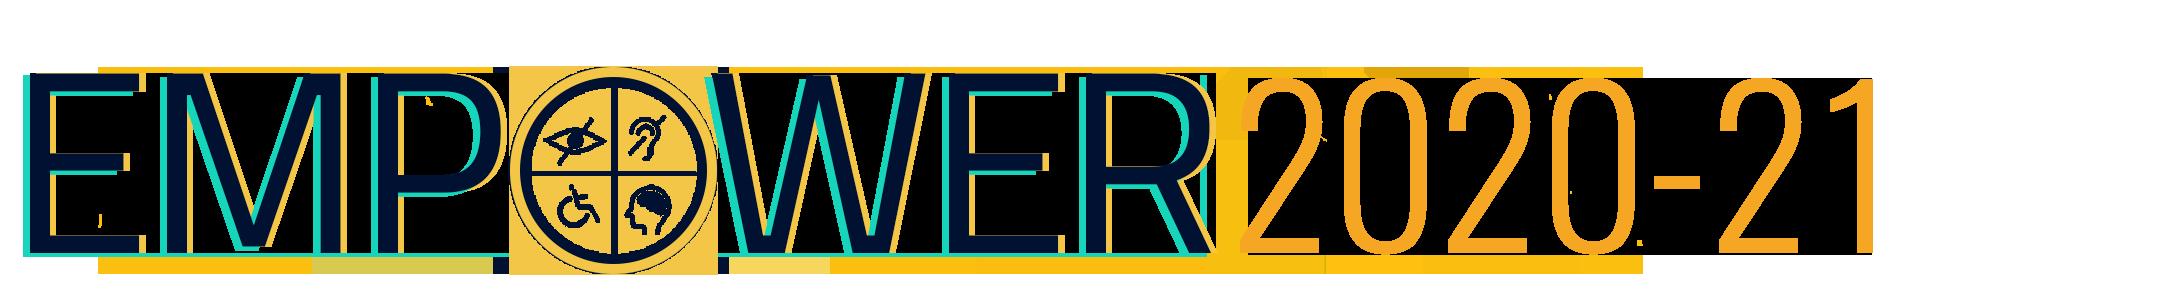 EMPOWER 2020